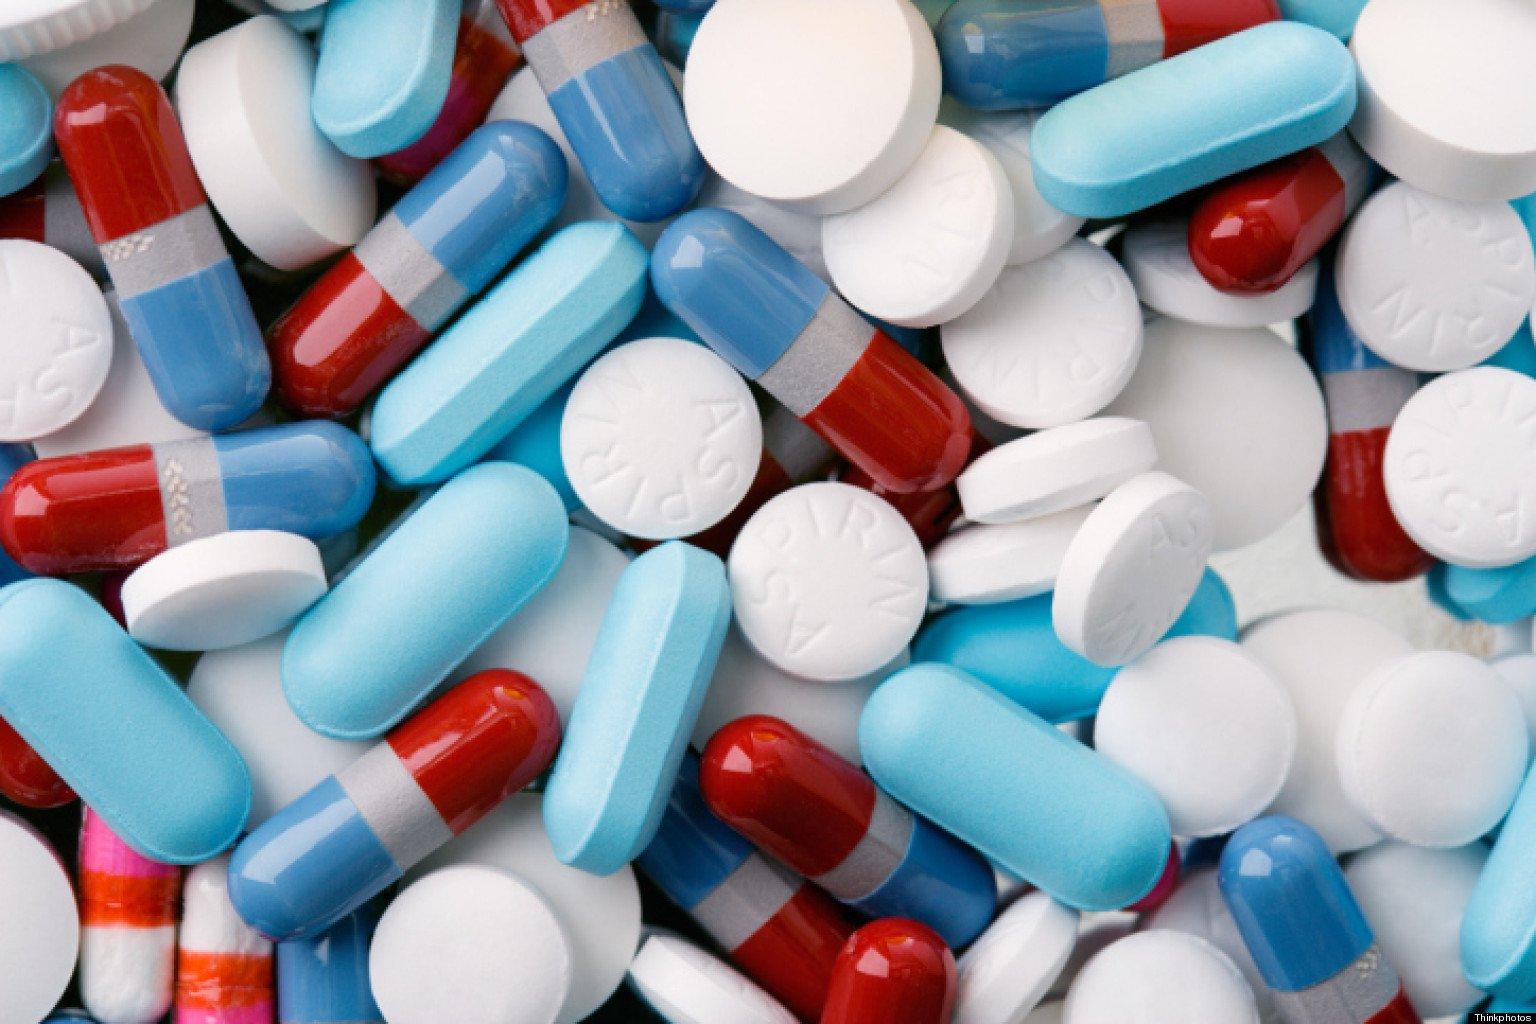 nuova pillola high tech può somministrare autonomamente i farmaci che servono